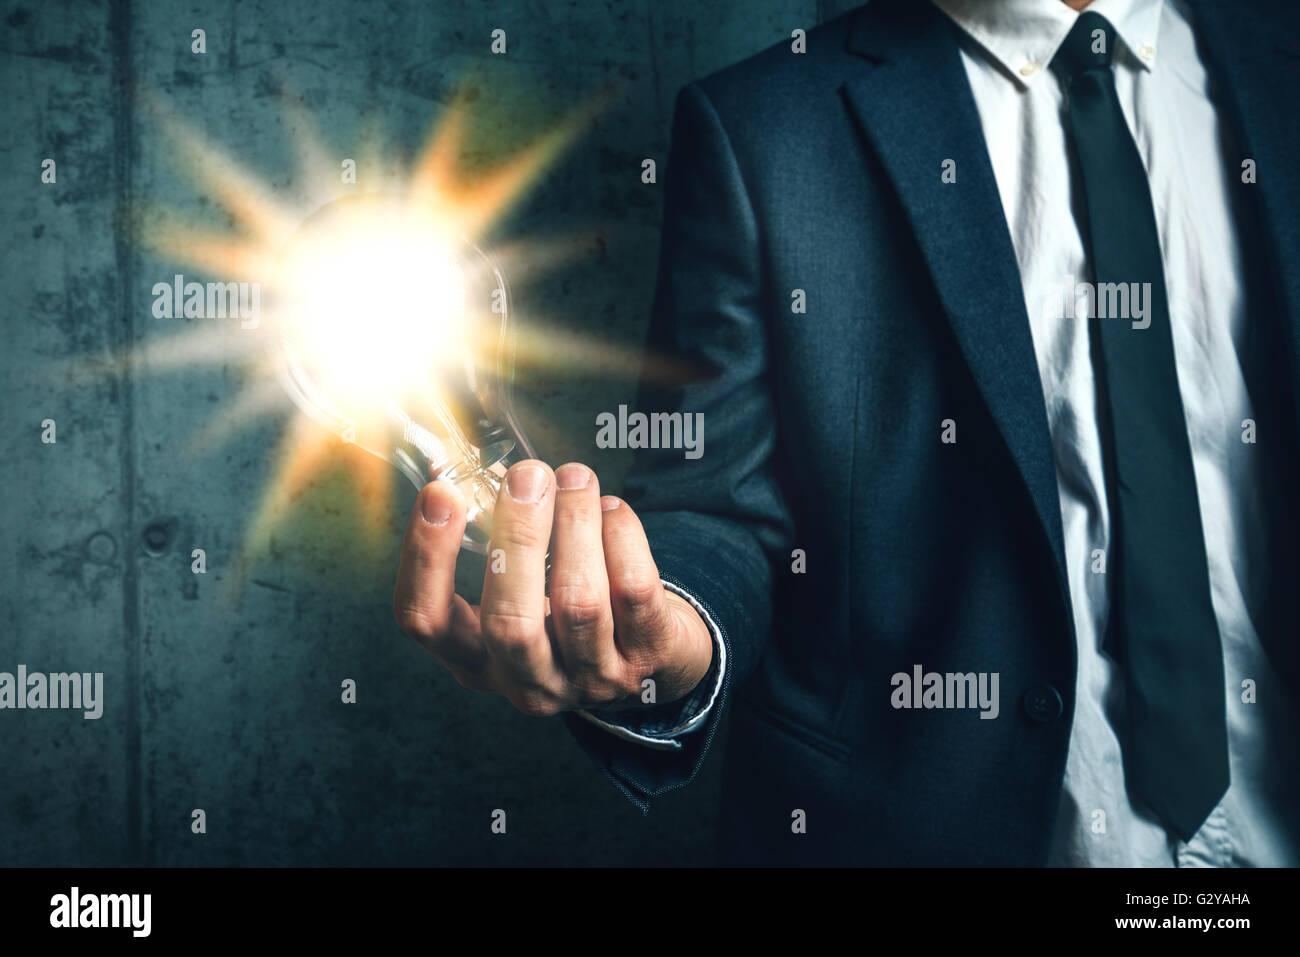 Unternehmen Kreativität und Vision-Konzept mit eleganten Erwachsenen Geschäftsmann hält helle Glühbirne Stockbild